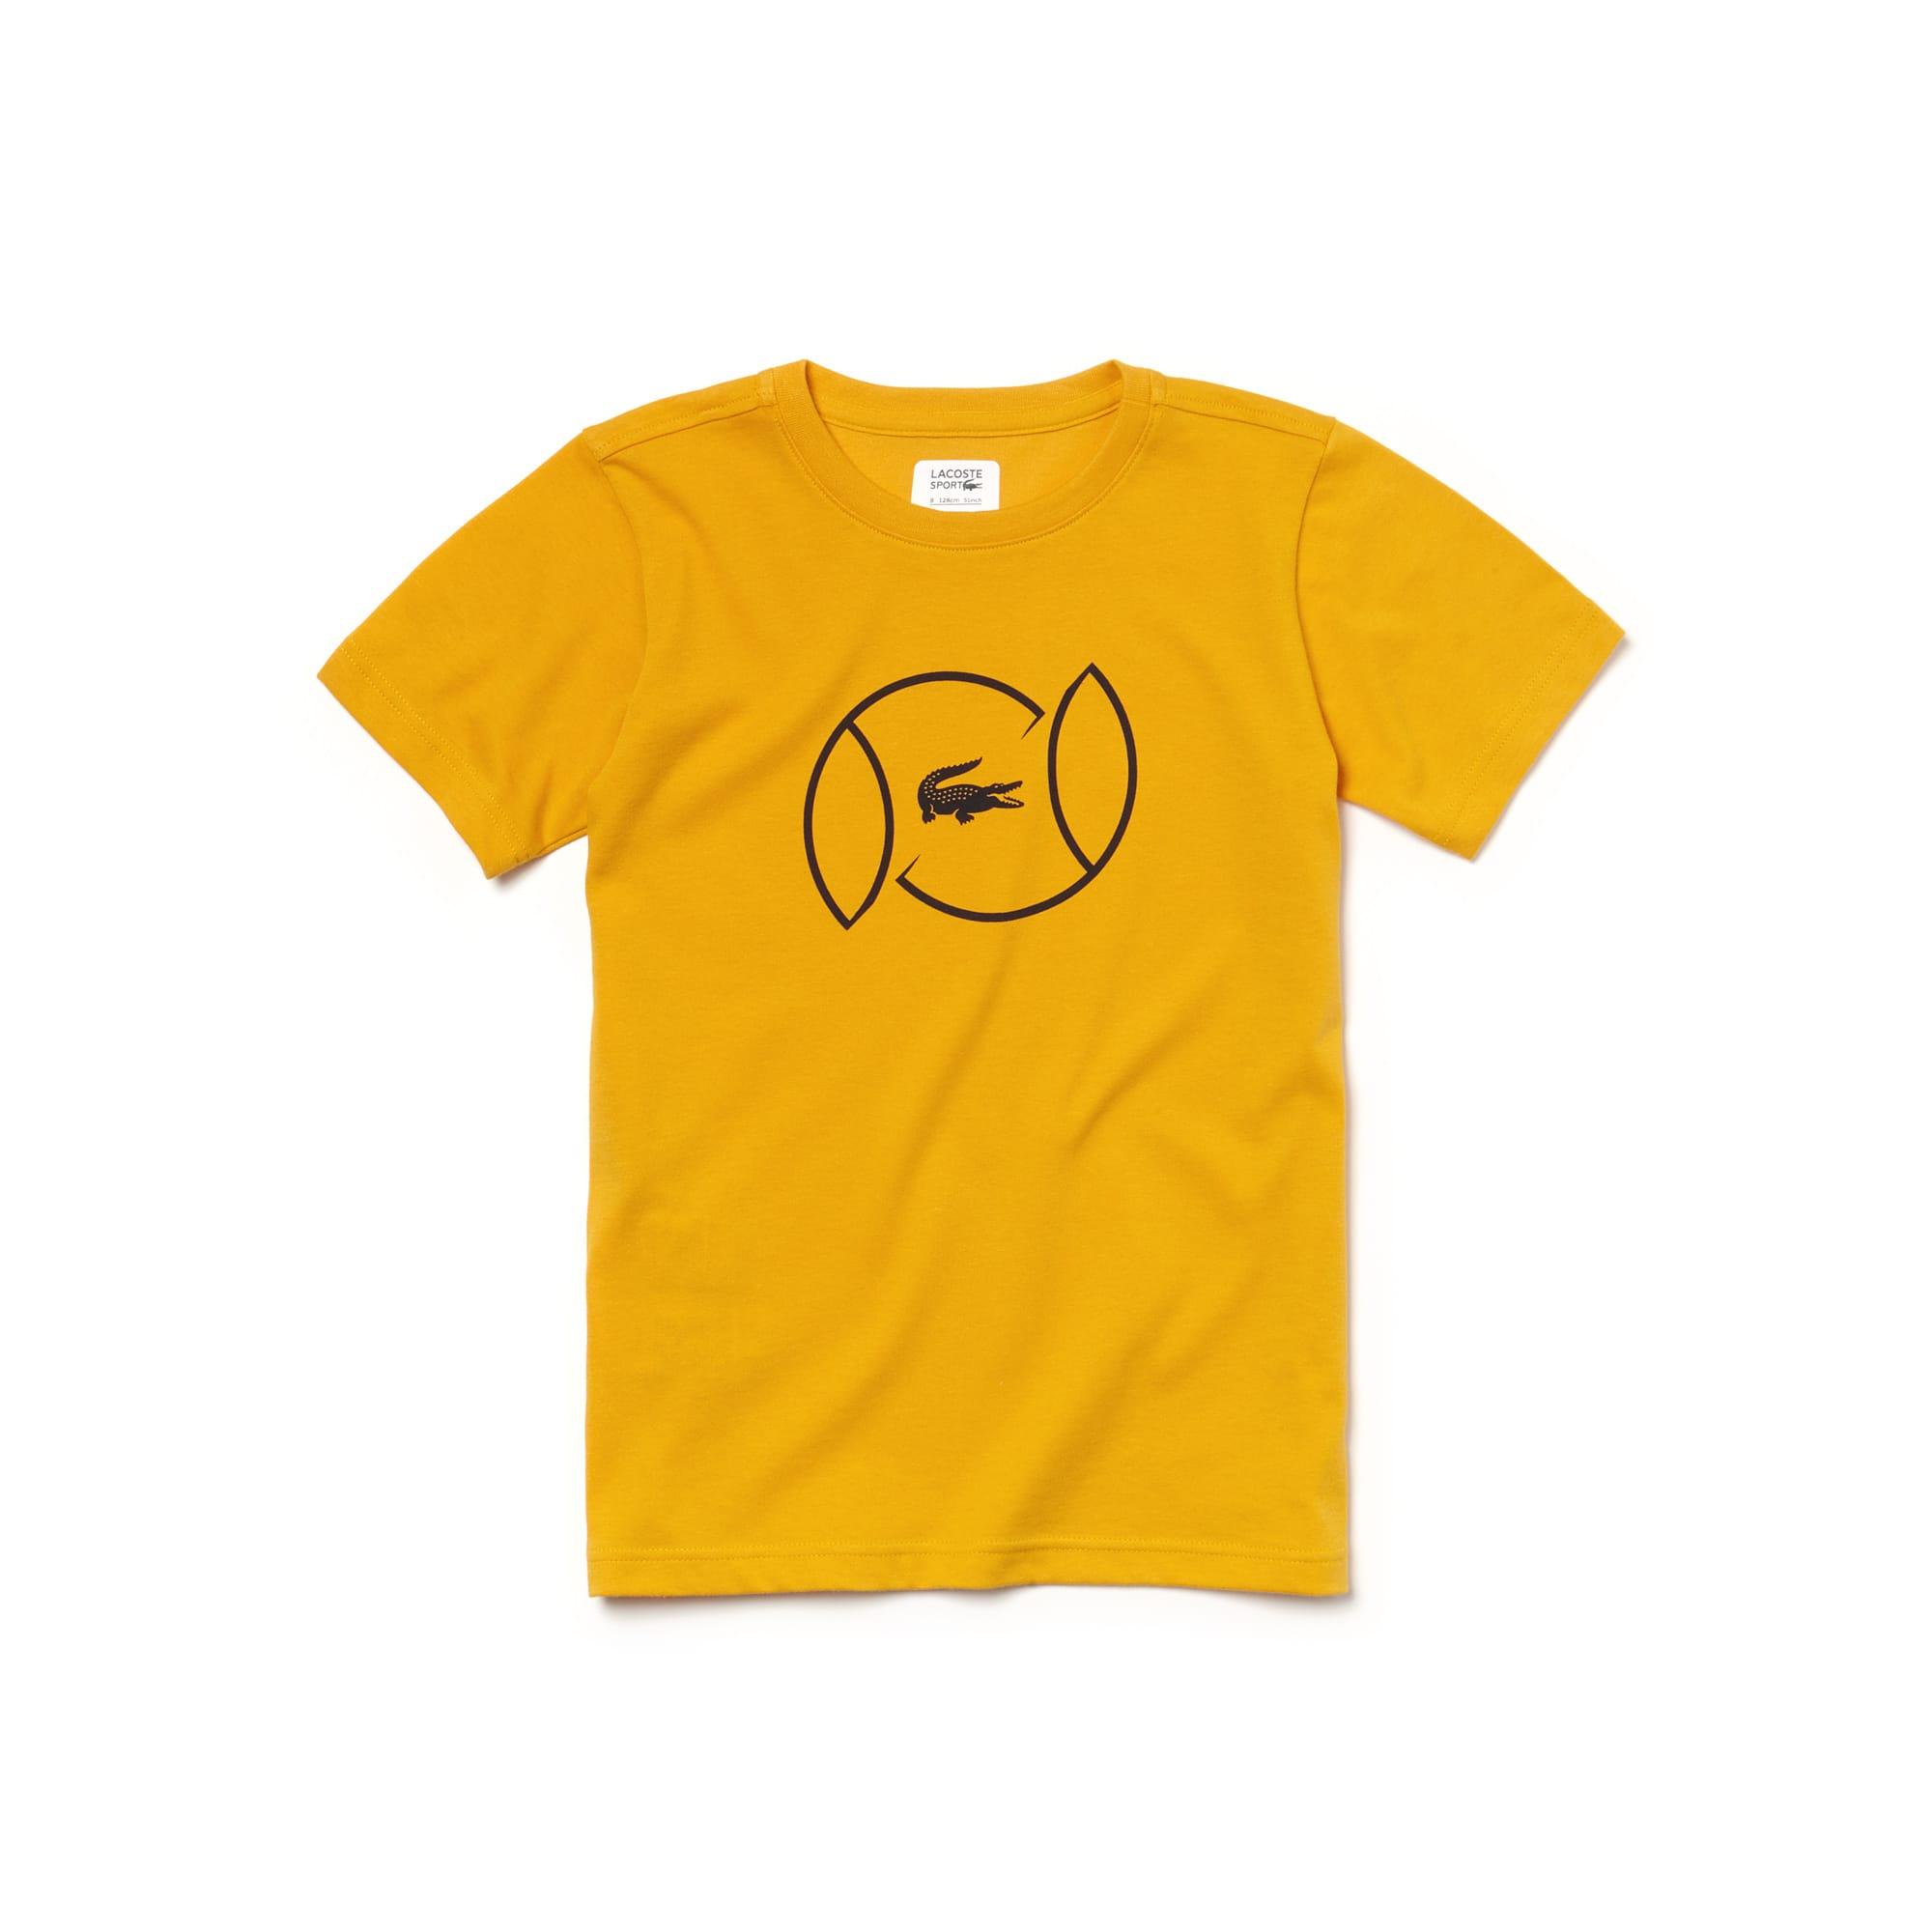 Lacoste - Camiseta De Niño Lacoste SPORT Tennis En Tejido De Punto Técnico Con Inscripción Lacoste - 1